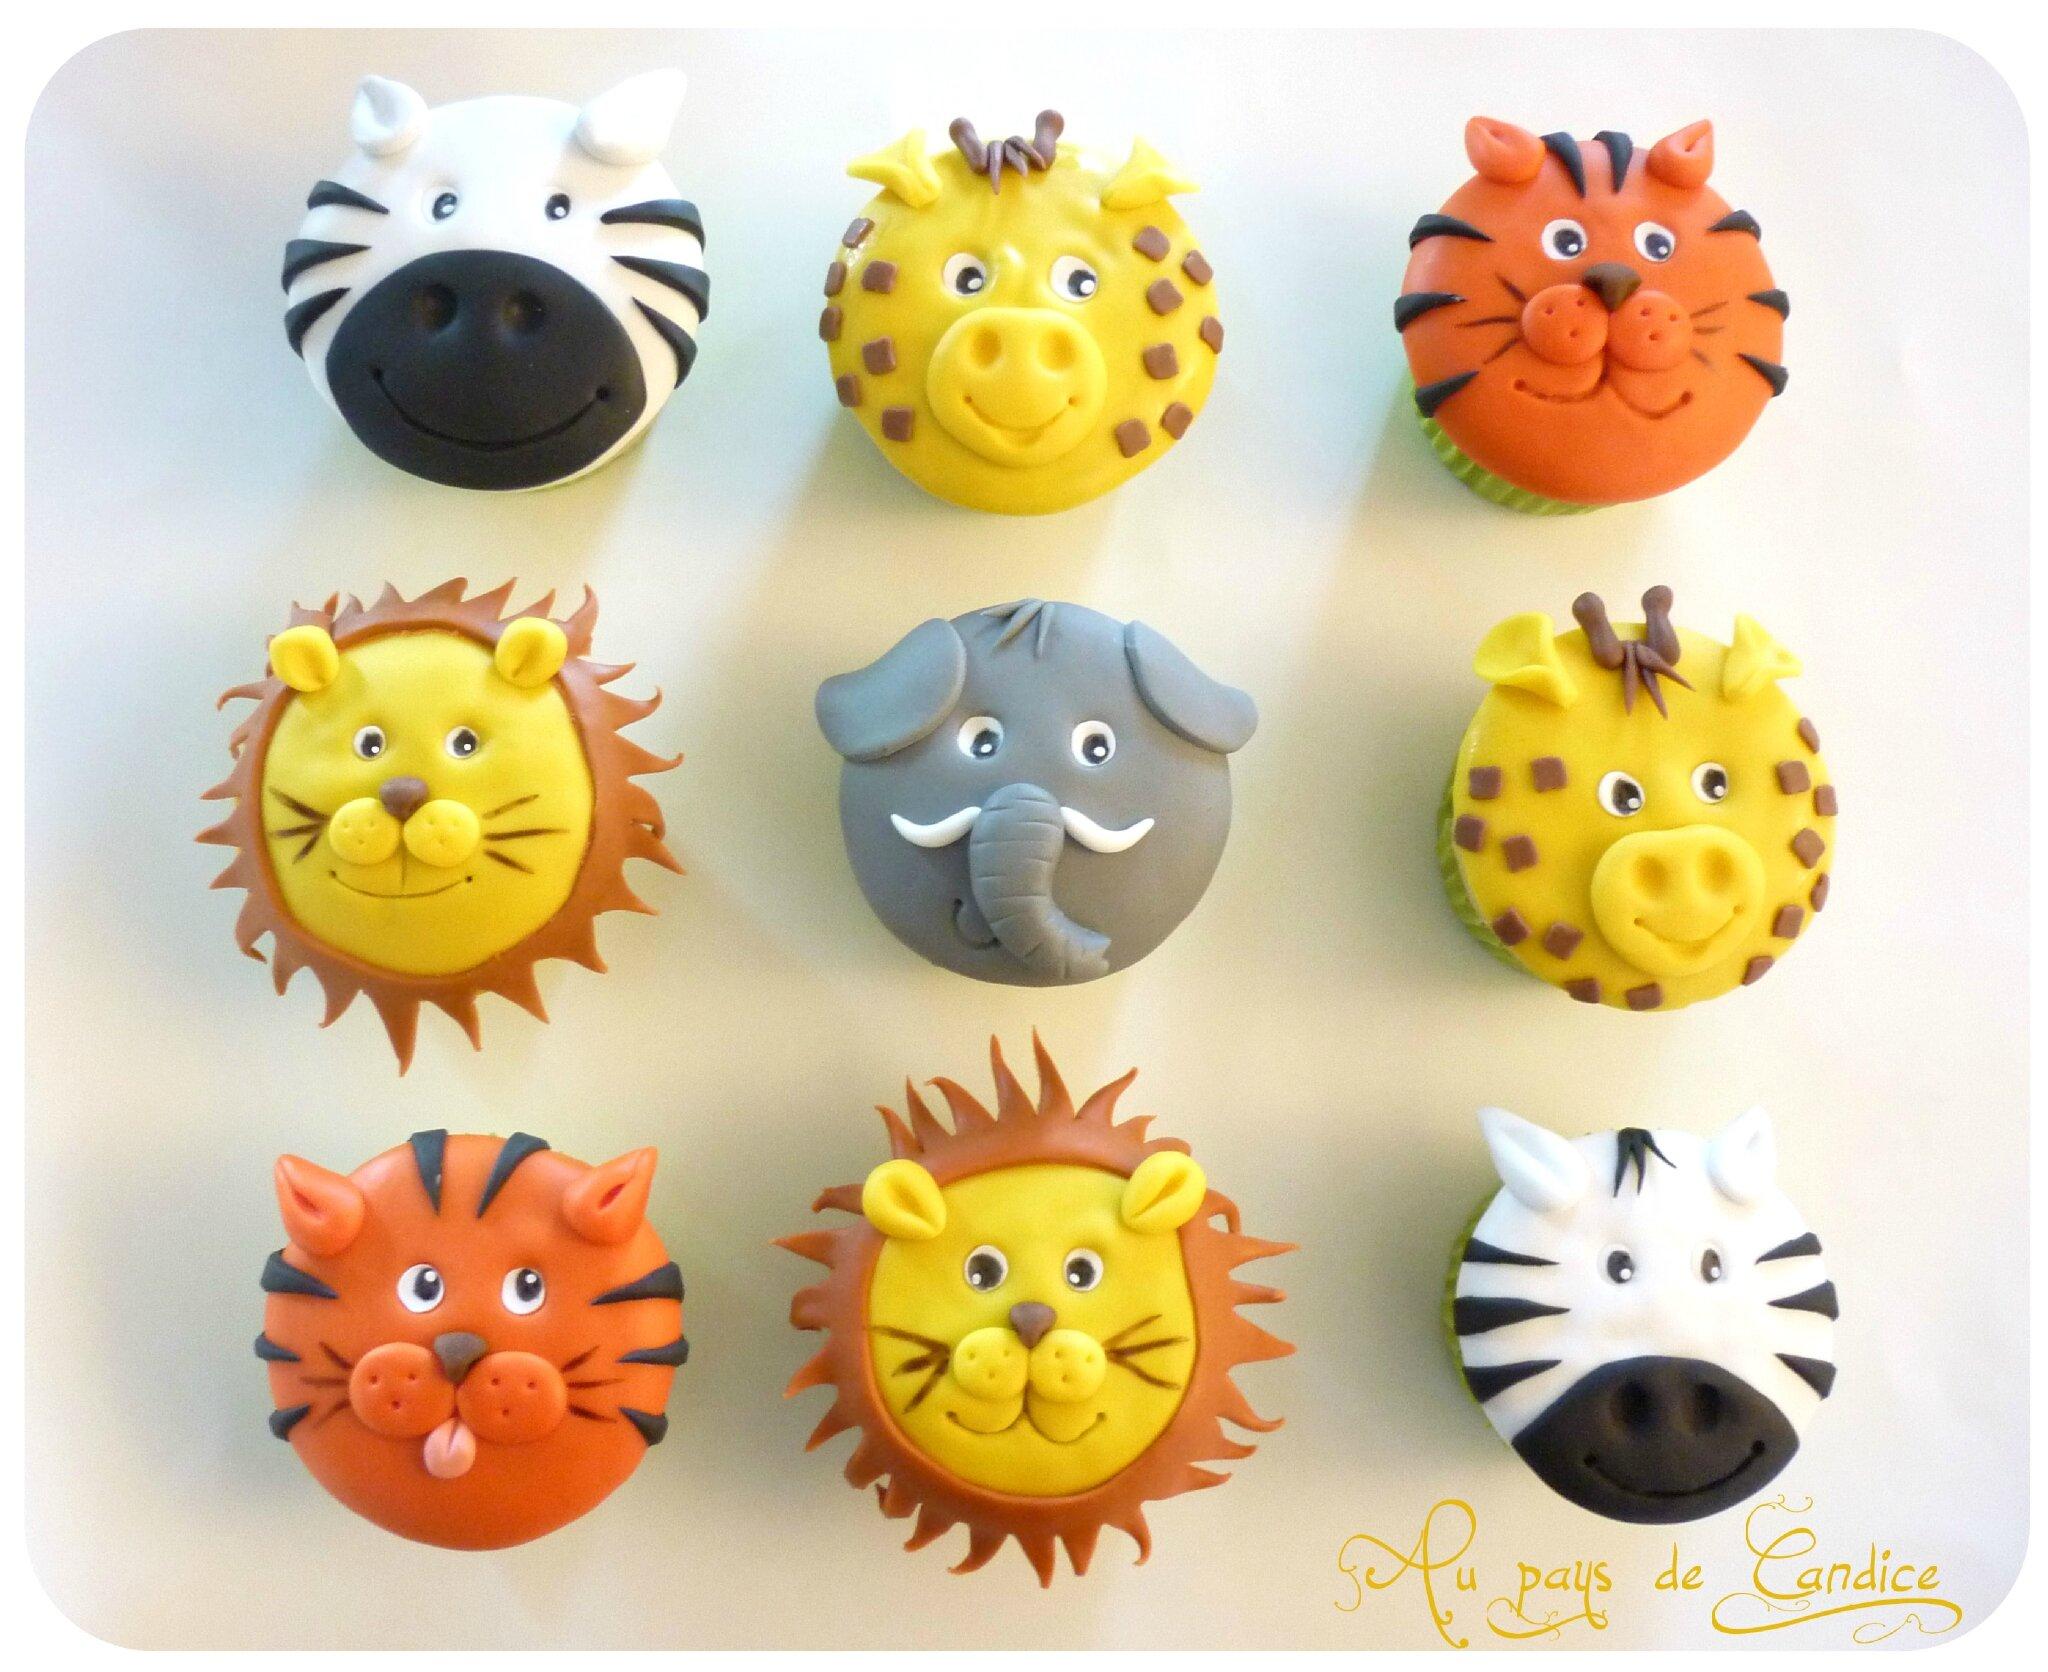 Cupcakes De La Savane Au Pays De Candice